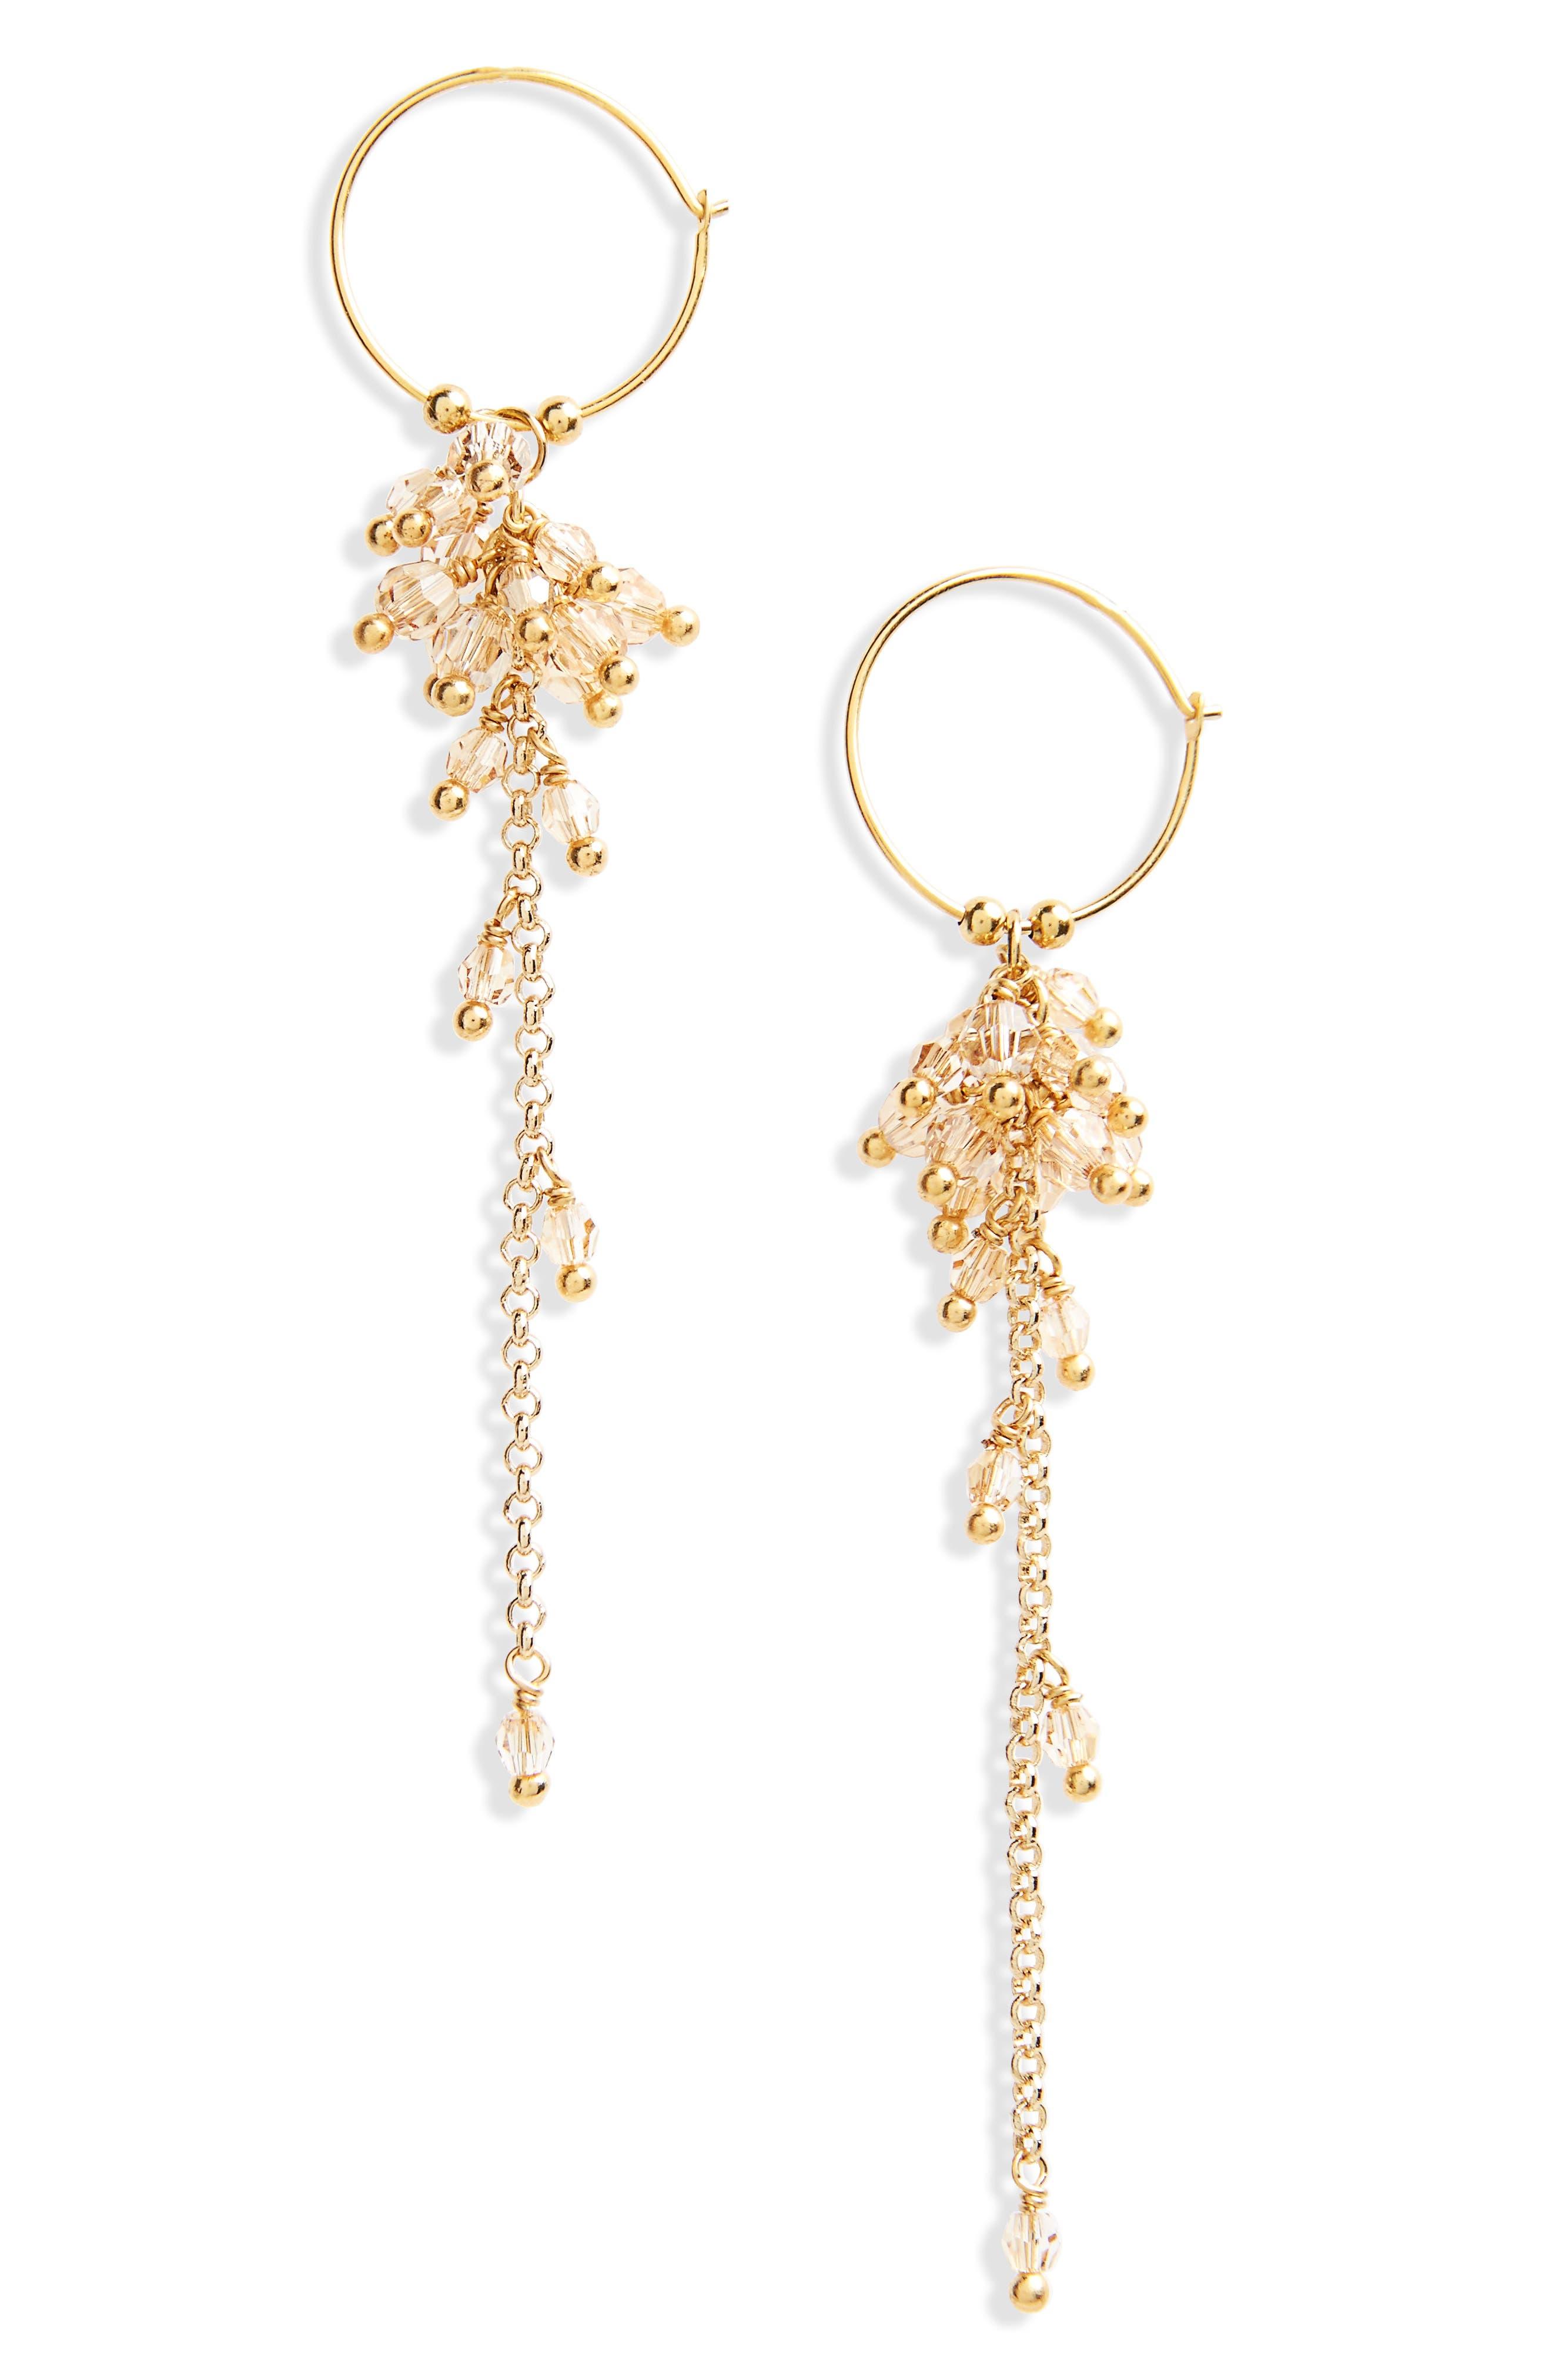 Crystal Cluster Hoop Earrings,                             Main thumbnail 1, color,                             710